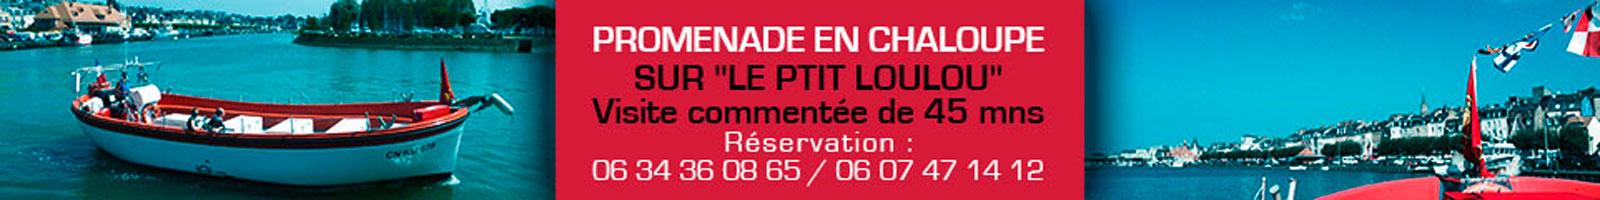 Le P'tit Loulou